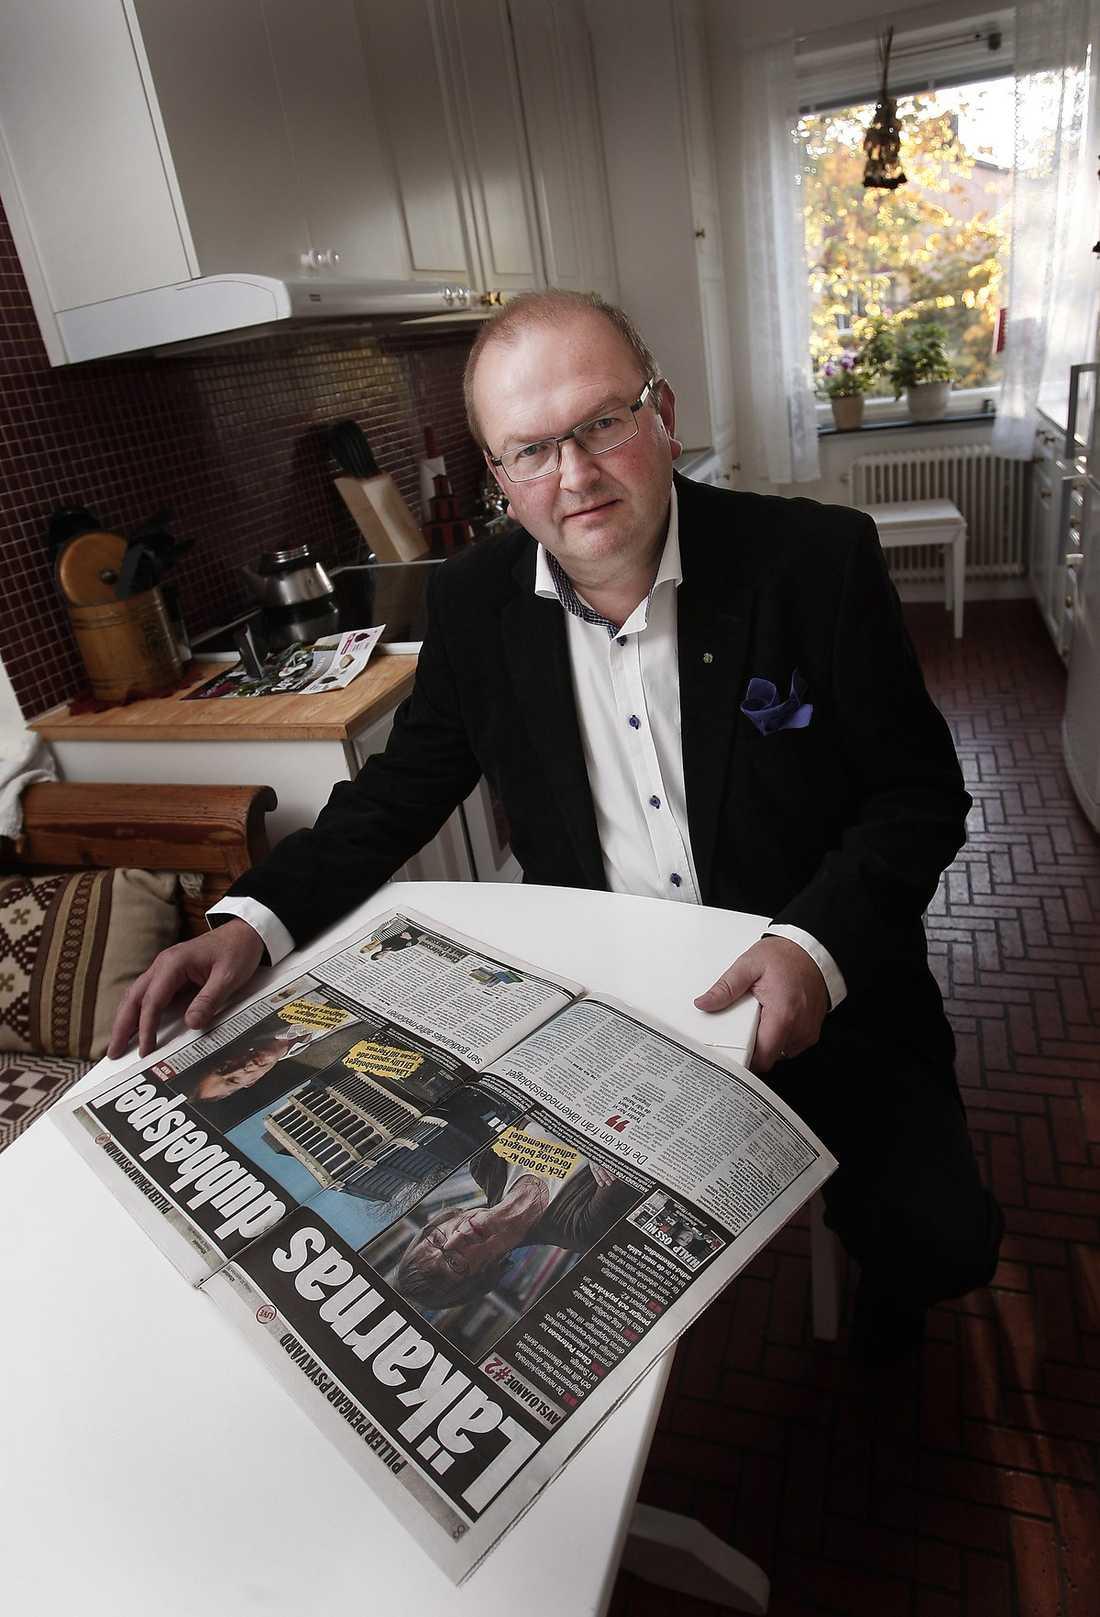 """""""JAG SKA TA UPP DET""""  Efter Aftonbladets avslöjande om de dubbelspelande läkarna reagerar nu Kenneth Johansson (C), socialutskottets ordförande. """"Jag ska ta upp det i ett möte med statssekreteraren på socialdepartementet"""", säger han."""